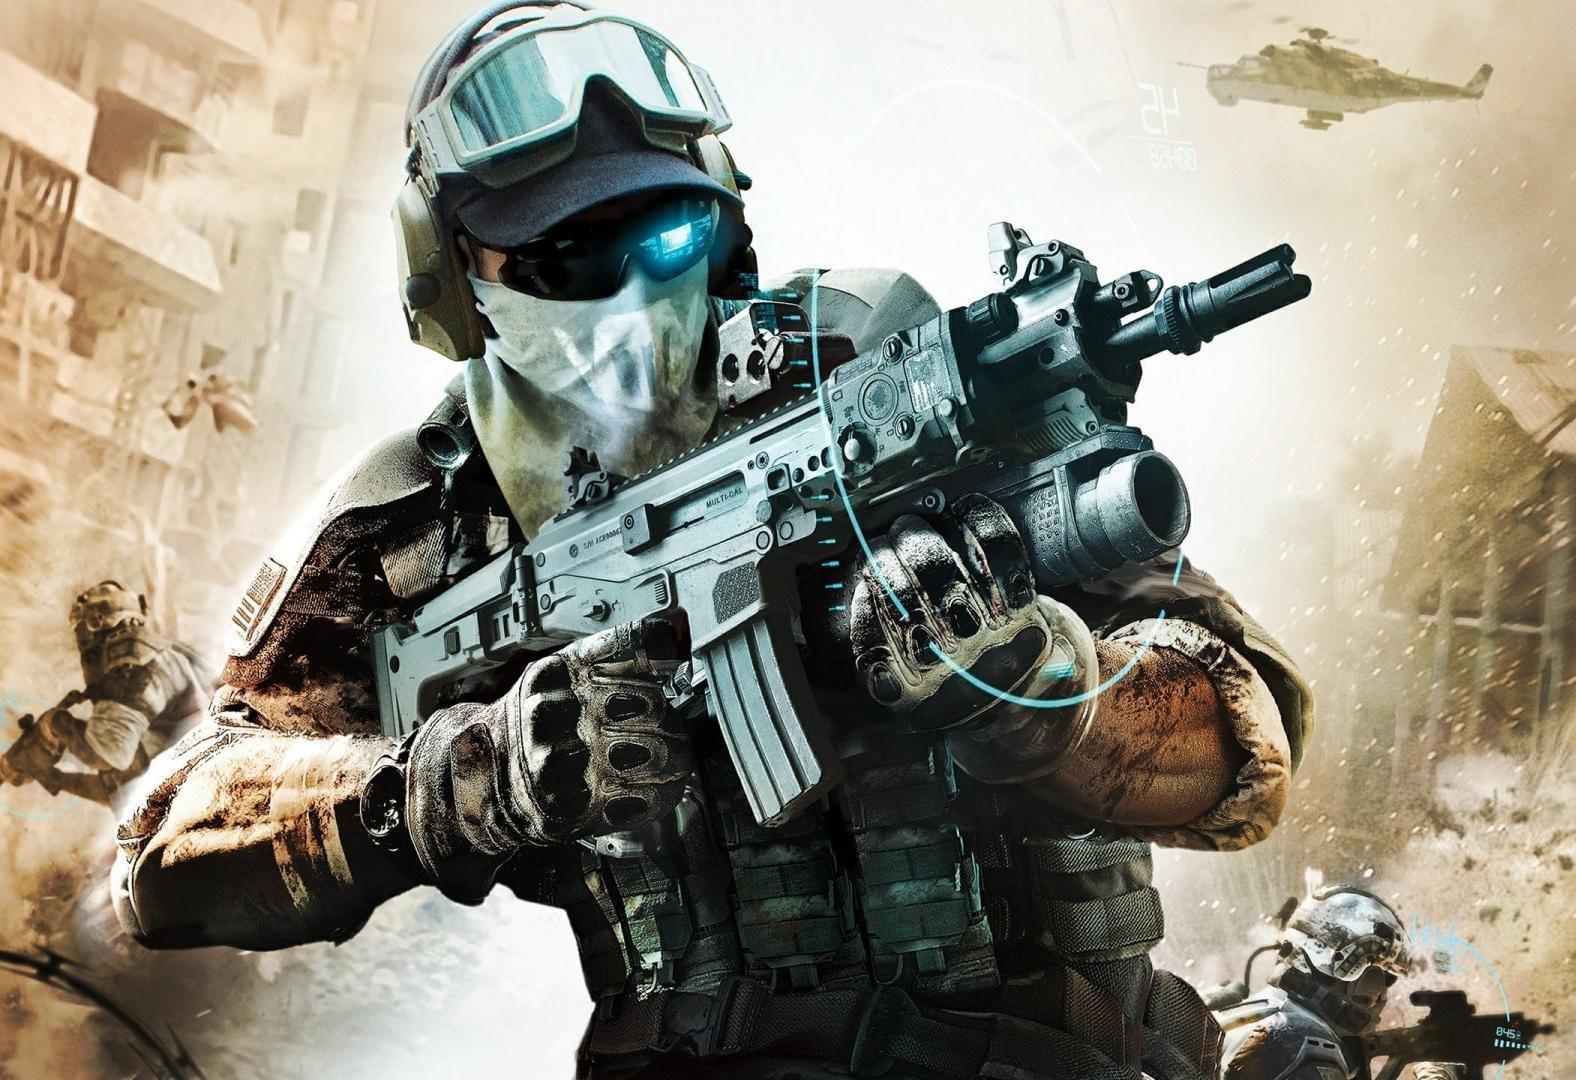 26310 Hintergrundbild herunterladen Waffe, Spiele, Soldiers - Bildschirmschoner und Bilder kostenlos